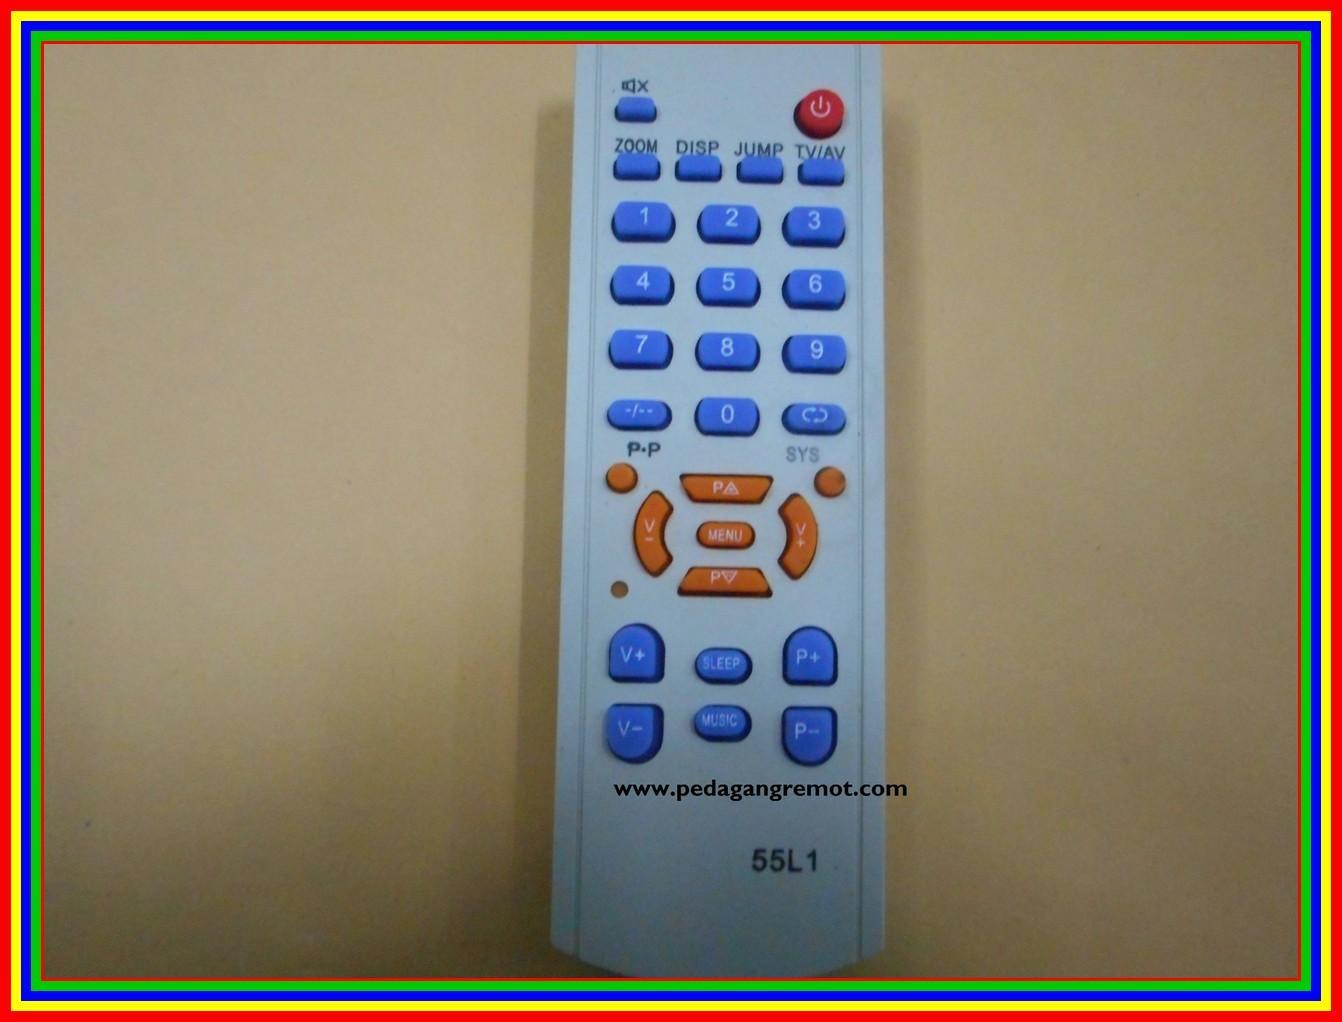 Fitur Remote Tv China 55l1 Dan Harga Terbaru Info Tempat Akari Remot Tabung Cina